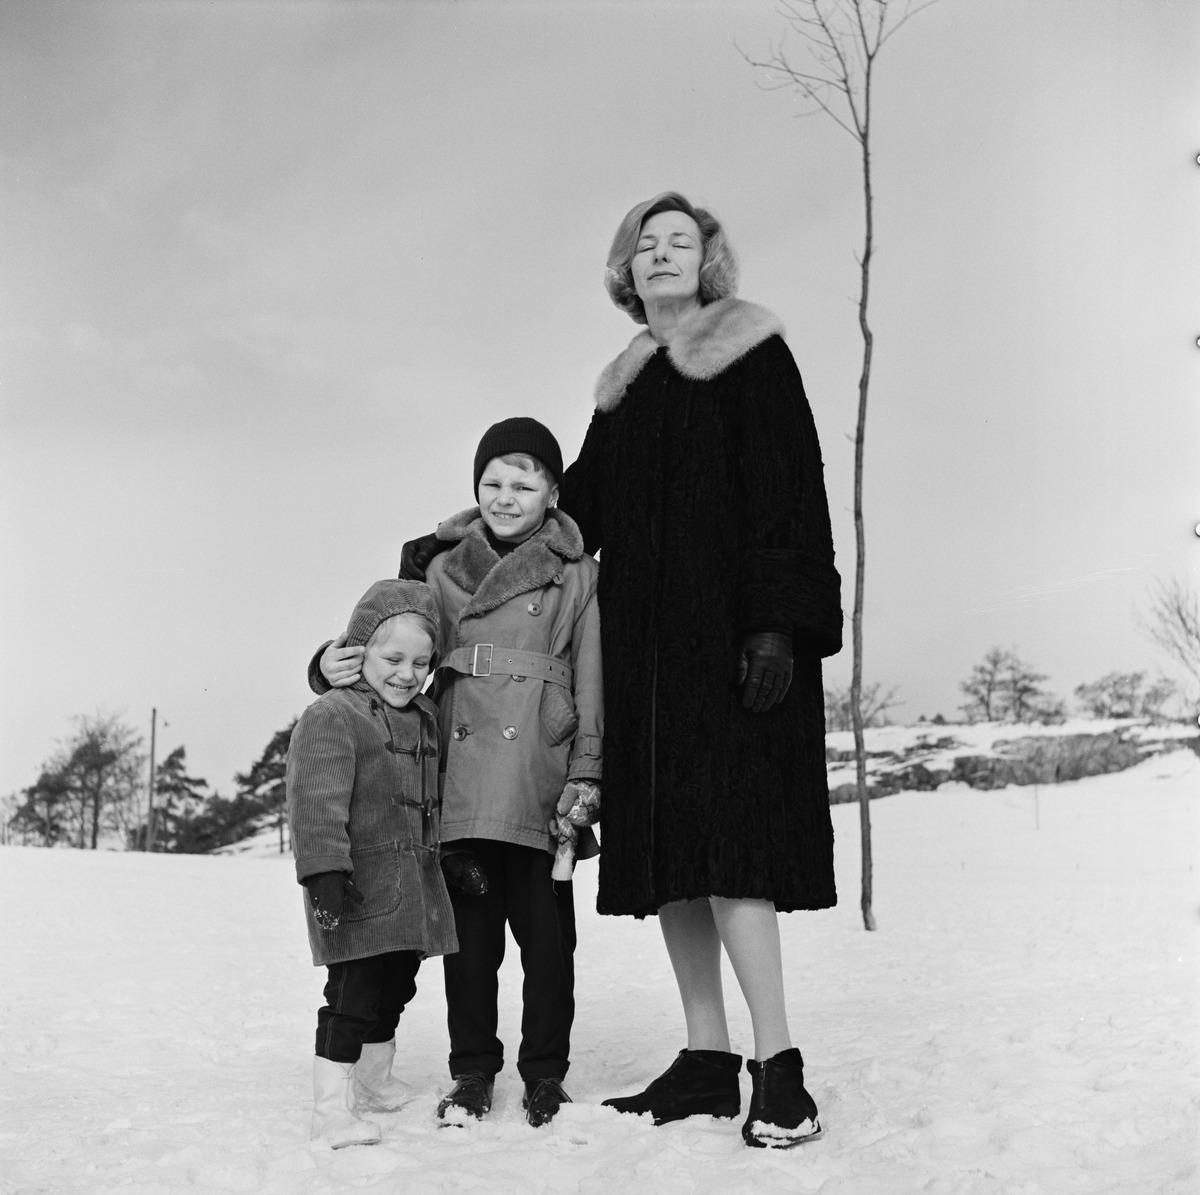 Valokuvaaja Volker von Boninin perhe ulkoilemassa talvella Kaivopuistossa.